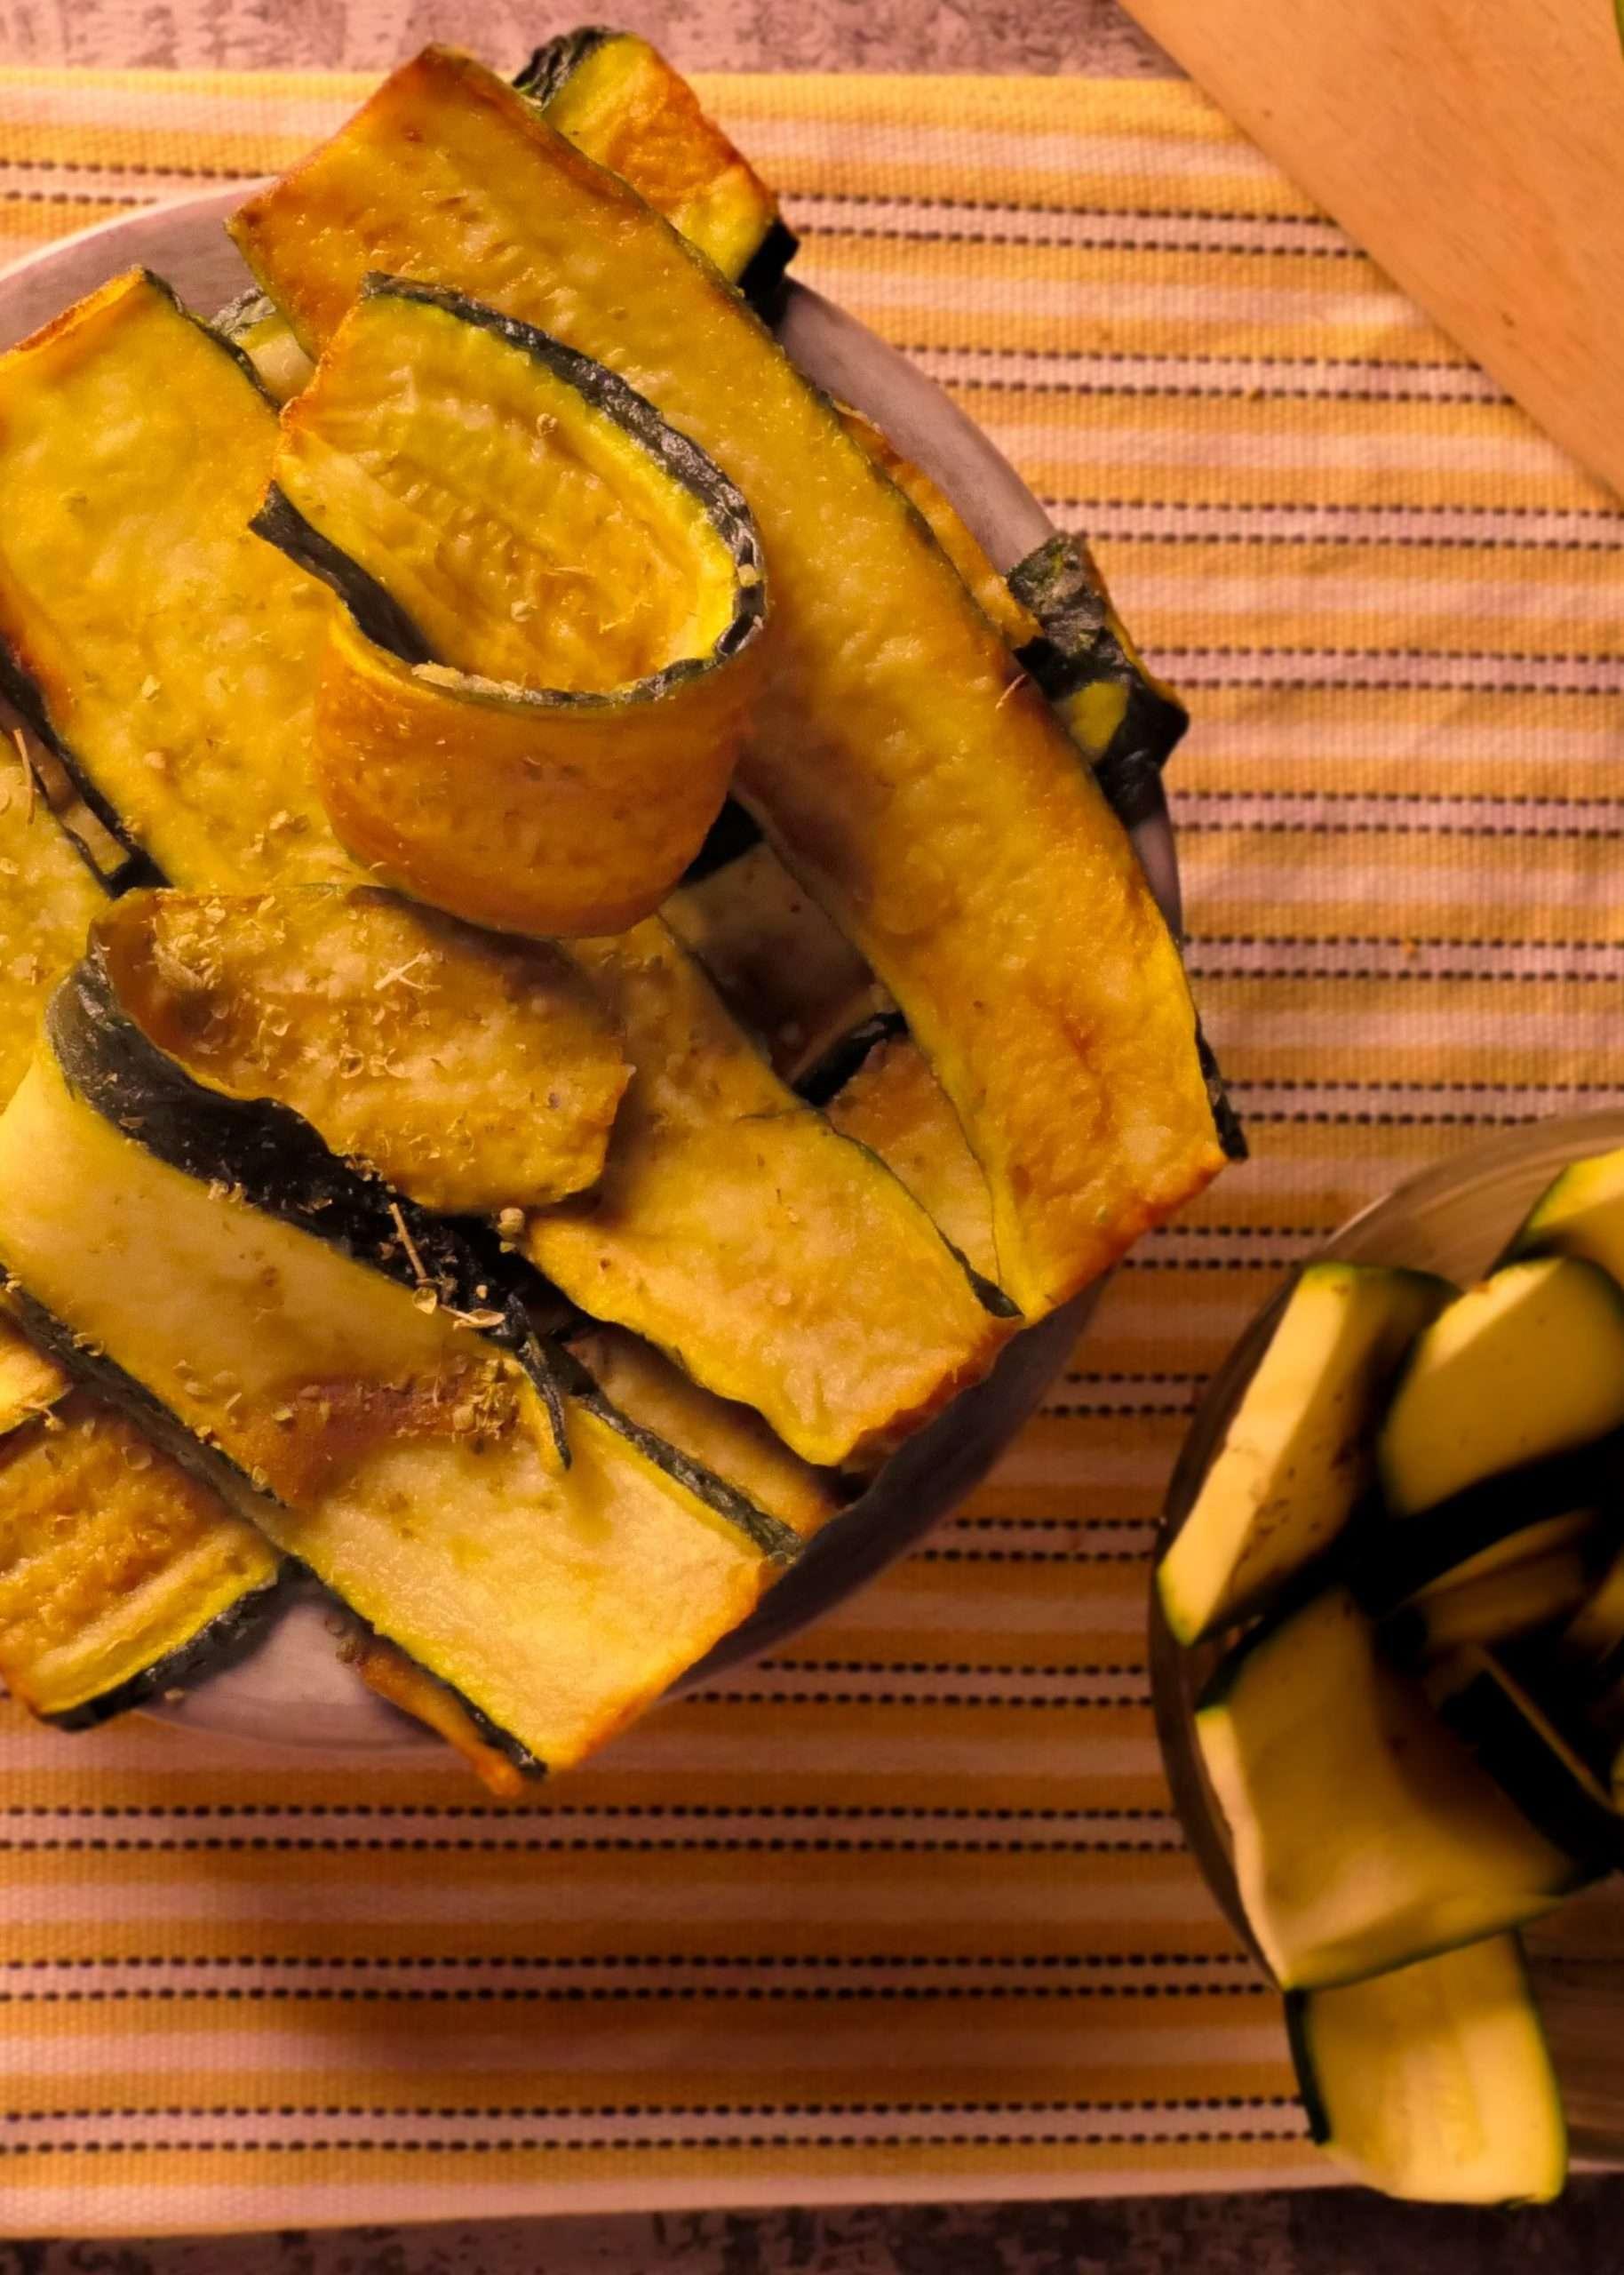 courgettes frites recette grecque